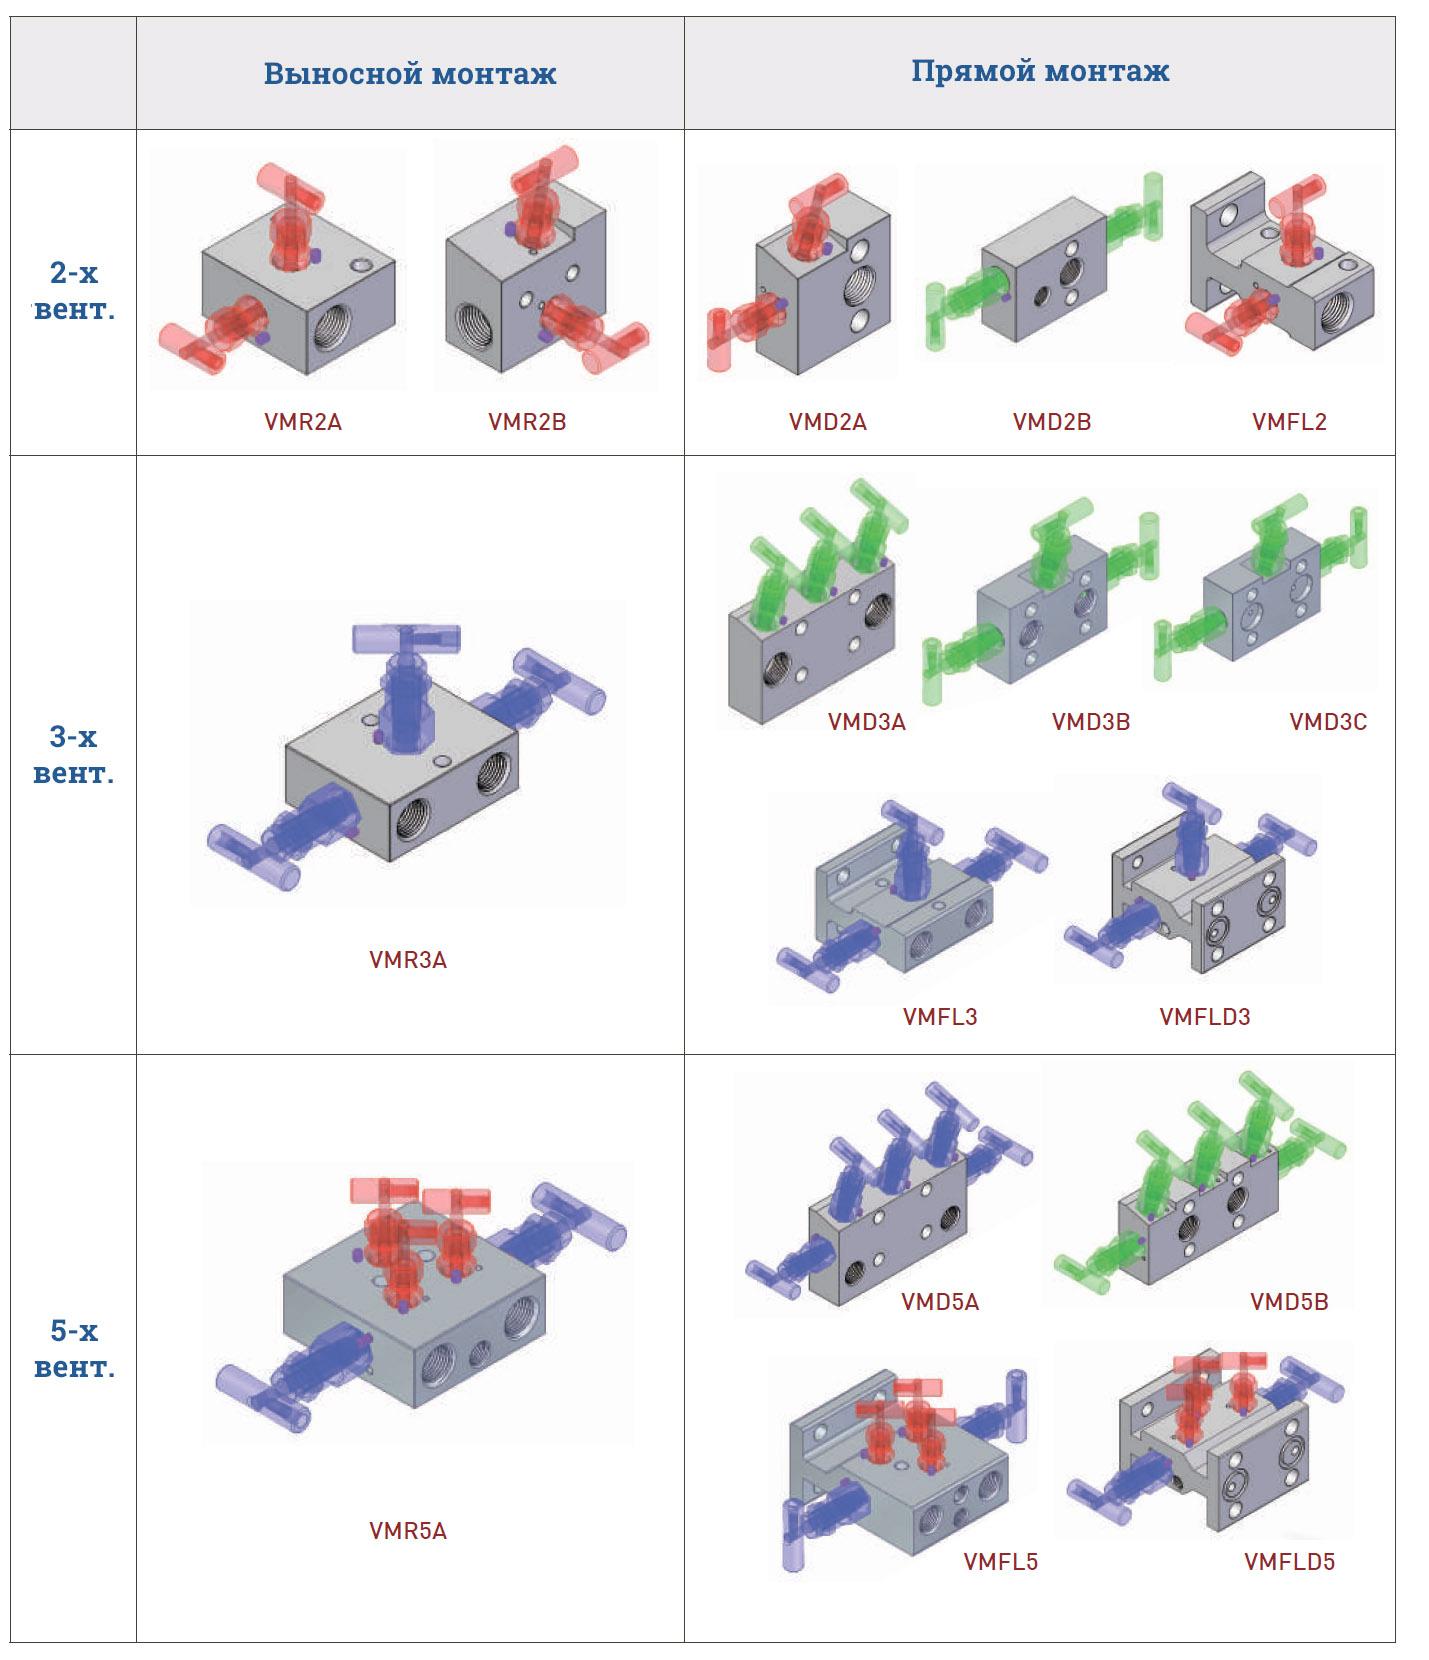 Манифольды Unilok - конфигурация